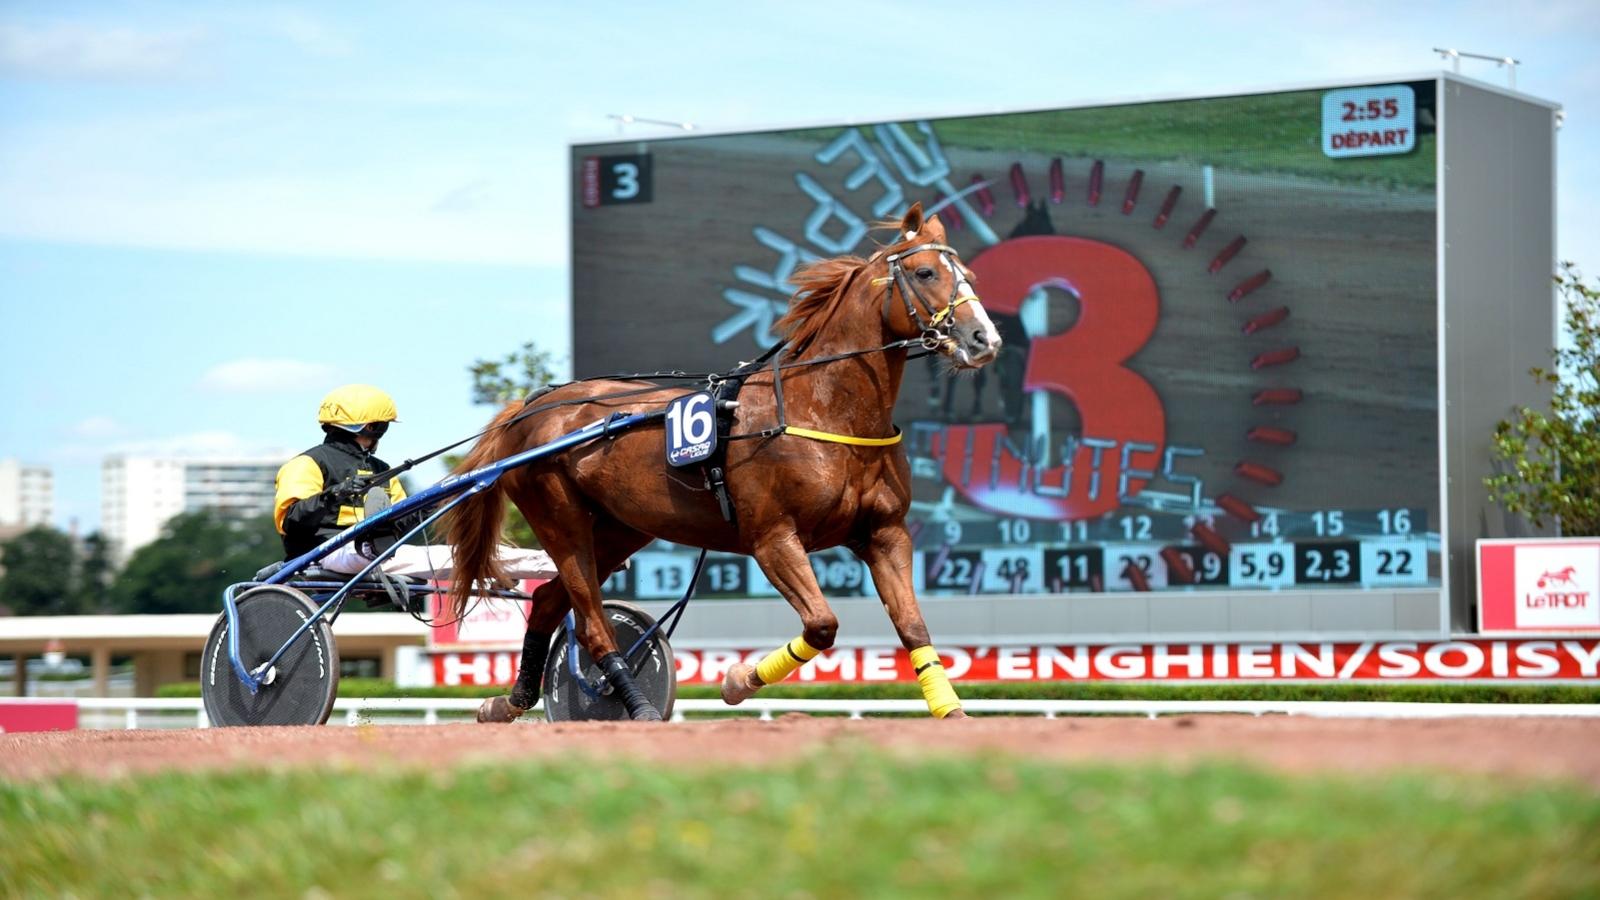 Photo de l'hippodrome d'Enghien-les-Bain montrant un cheval en pleine course